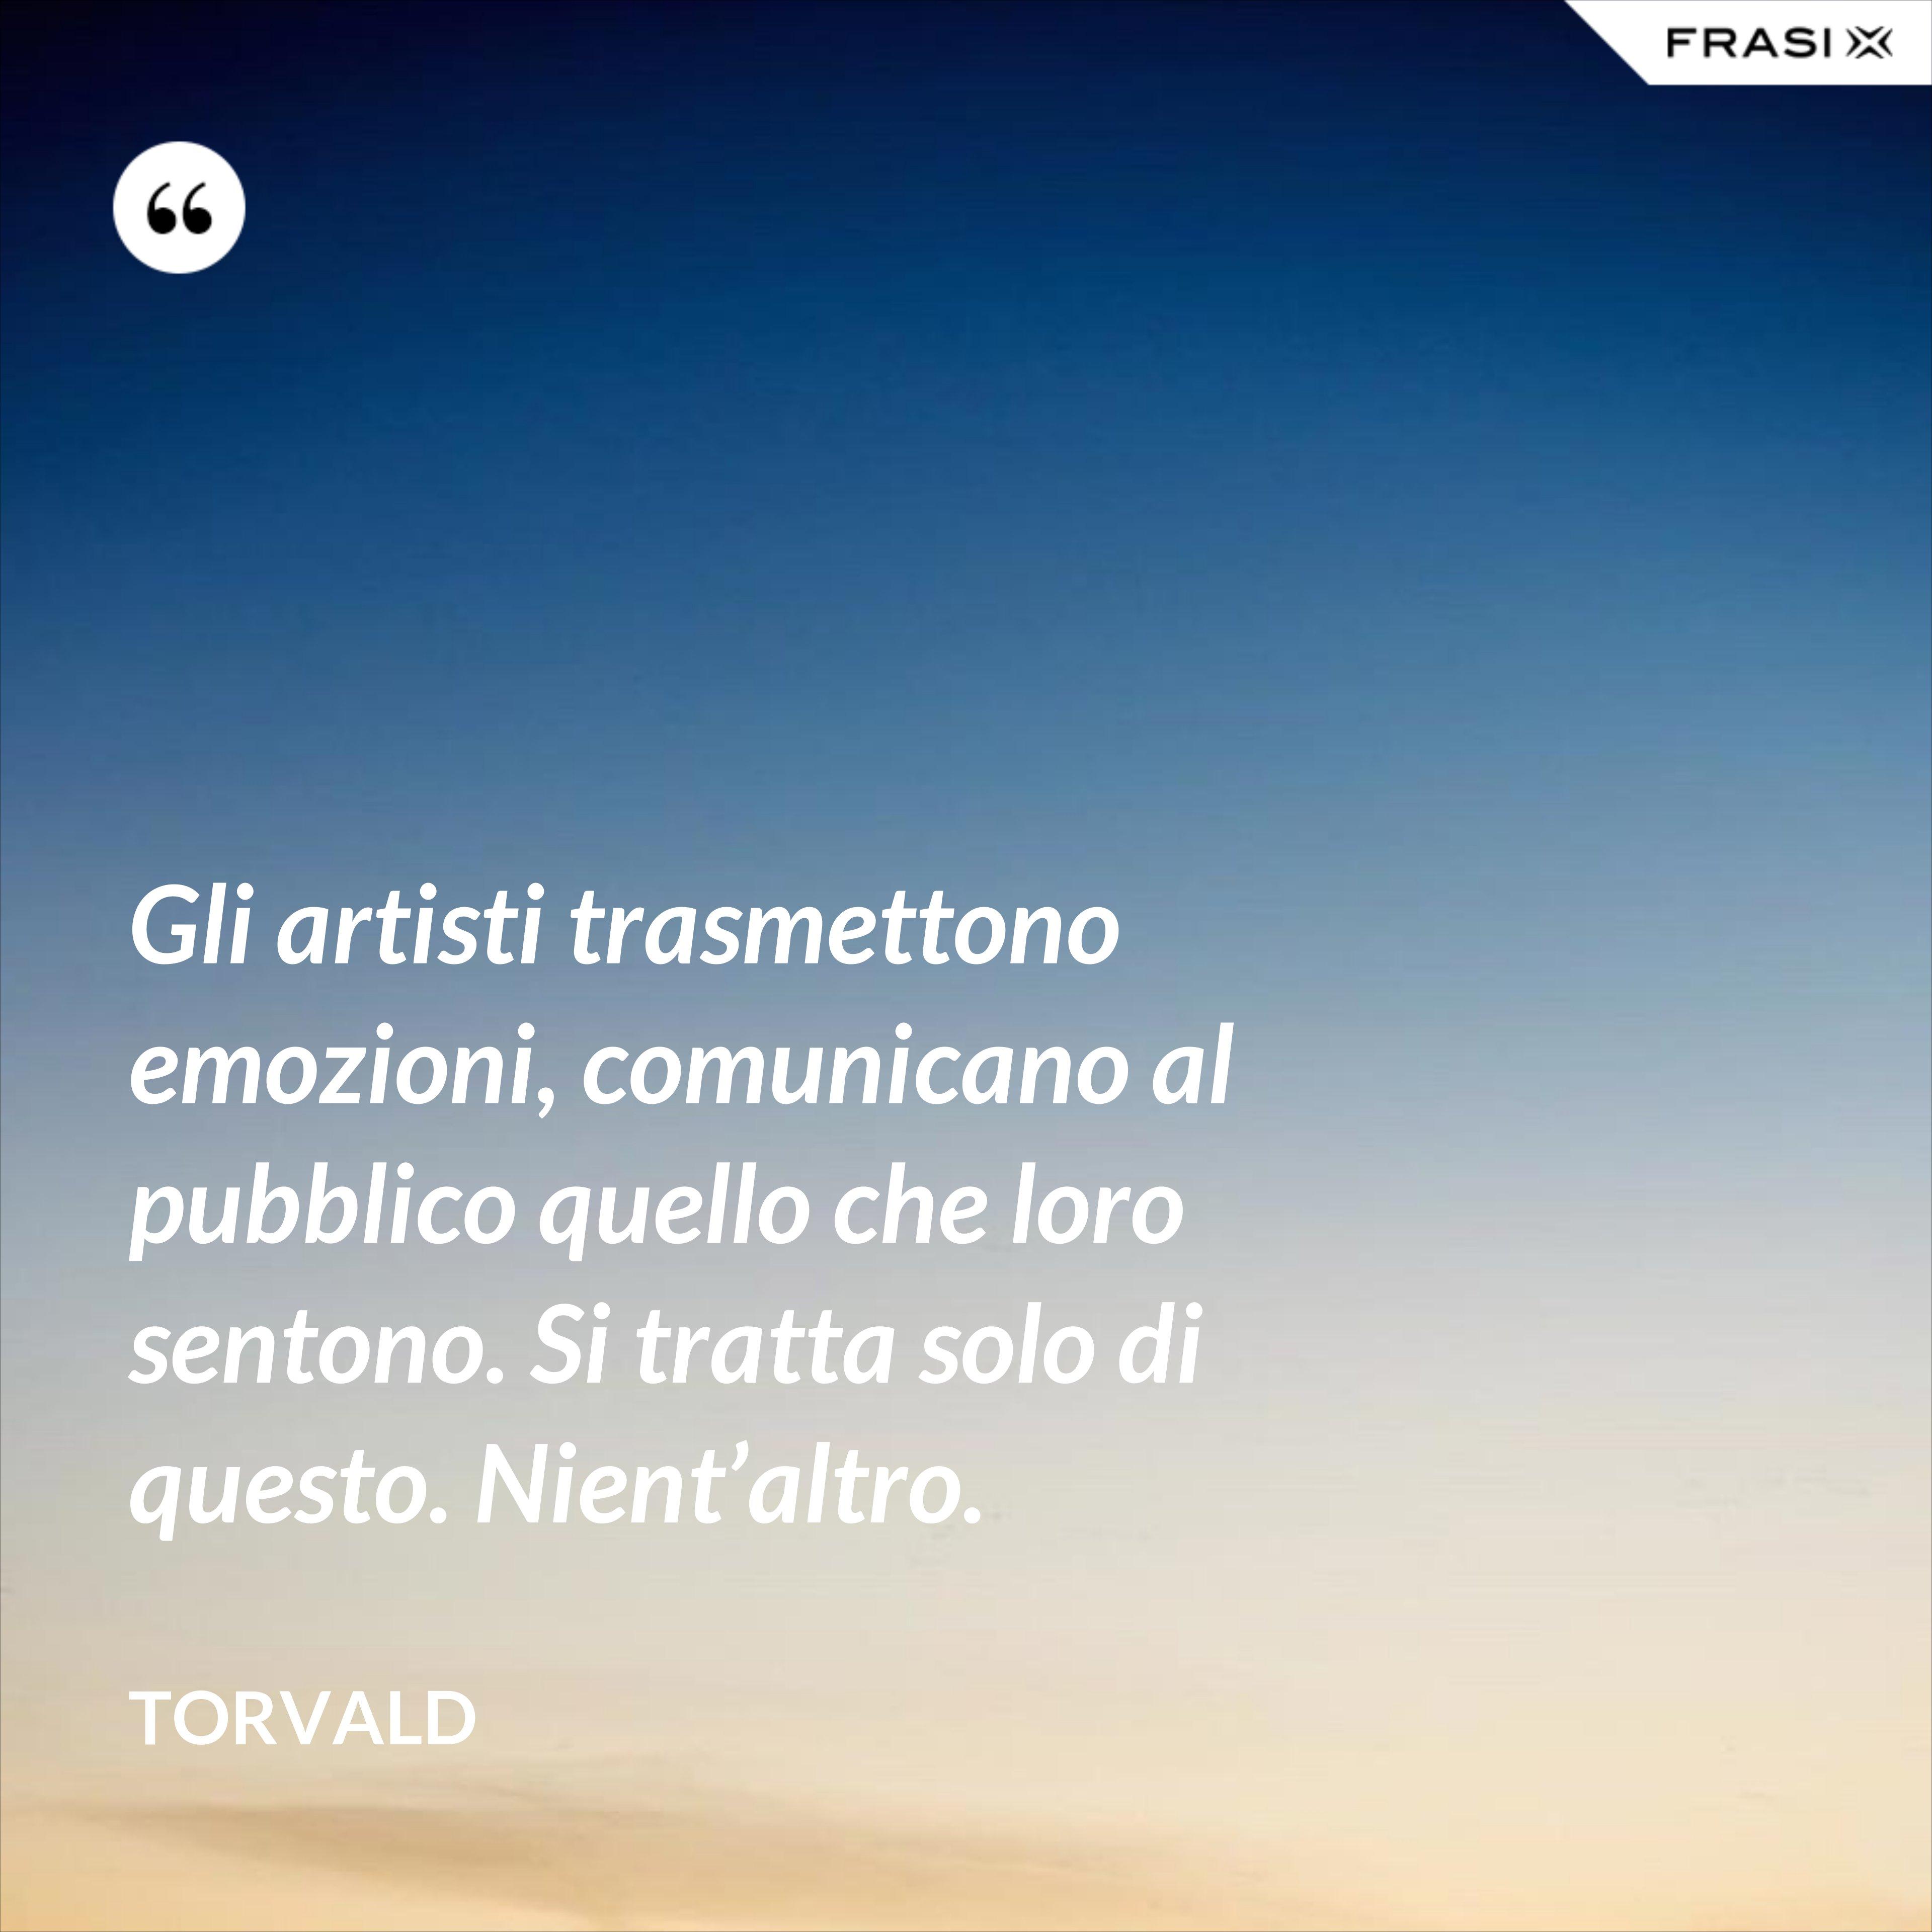 Gli artisti trasmettono emozioni, comunicano al pubblico quello che loro sentono. Si tratta solo di questo. Nient'altro. - Torvald